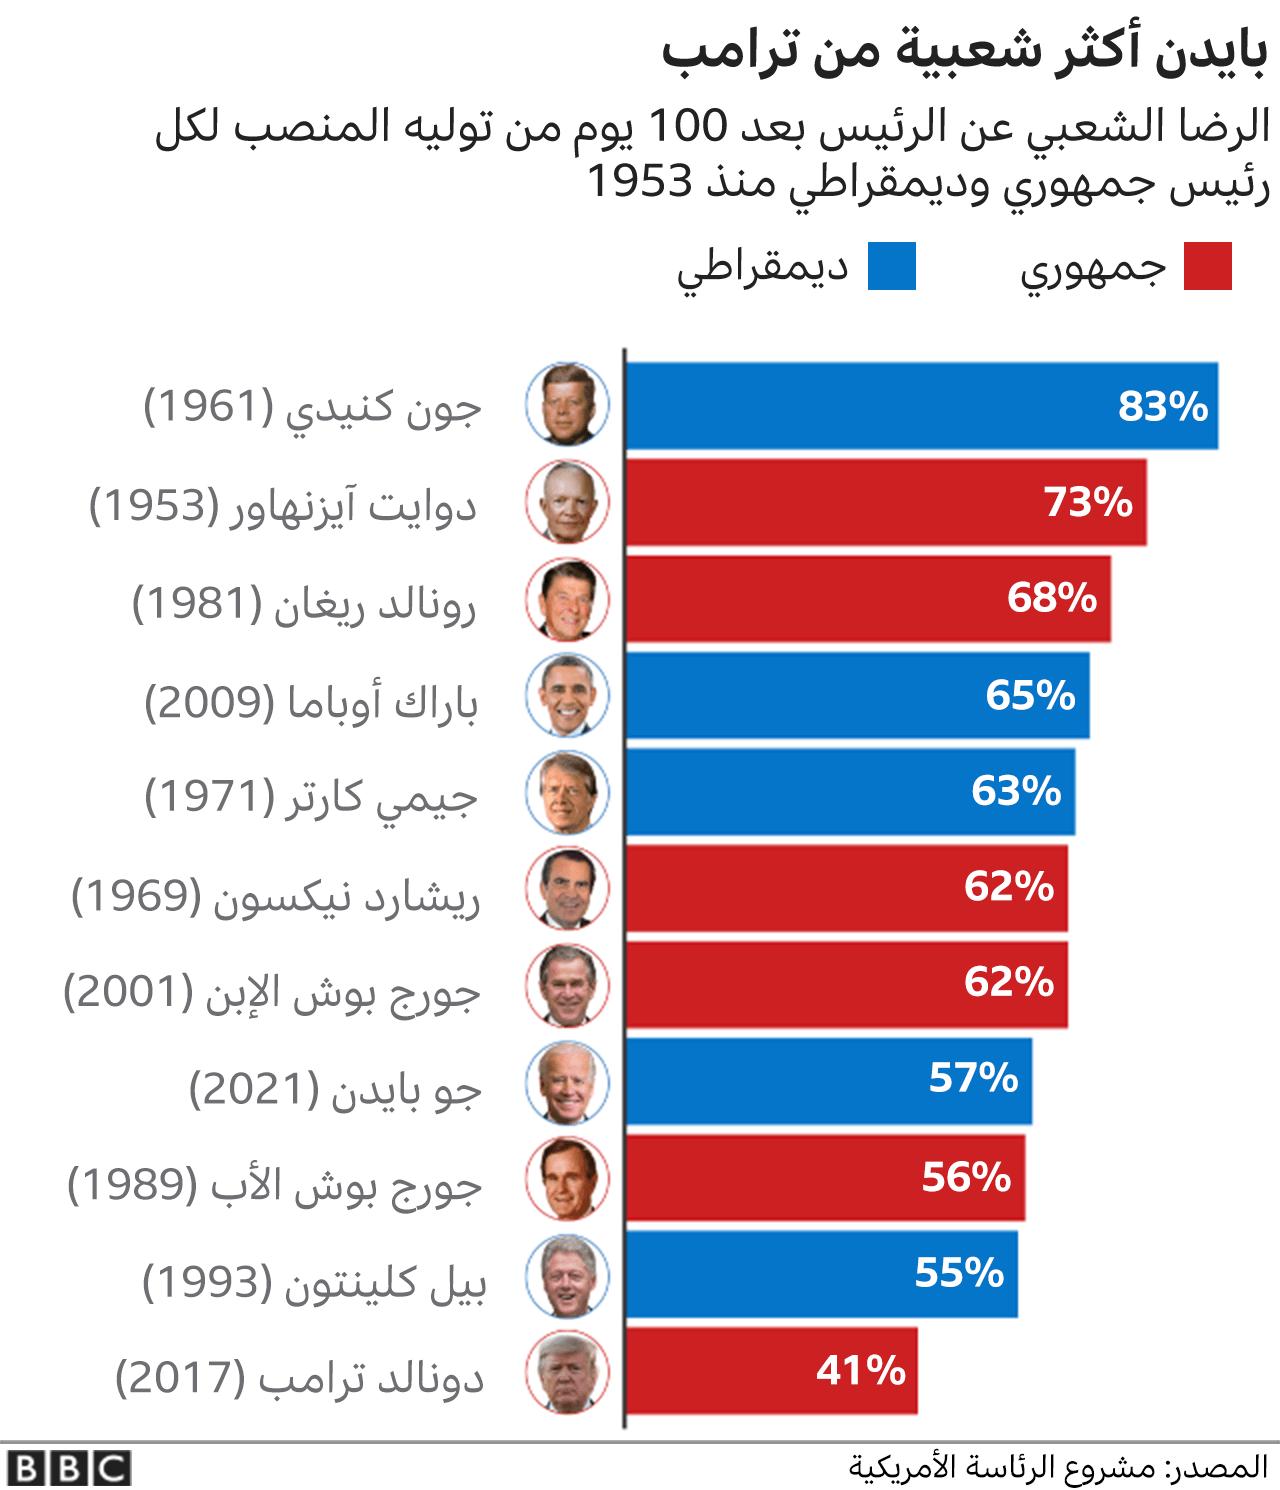 يُظهر الرسم نسبة التأييد العام بعد 100 يوم في المنصب لكل رئيس منذ عام 1953.